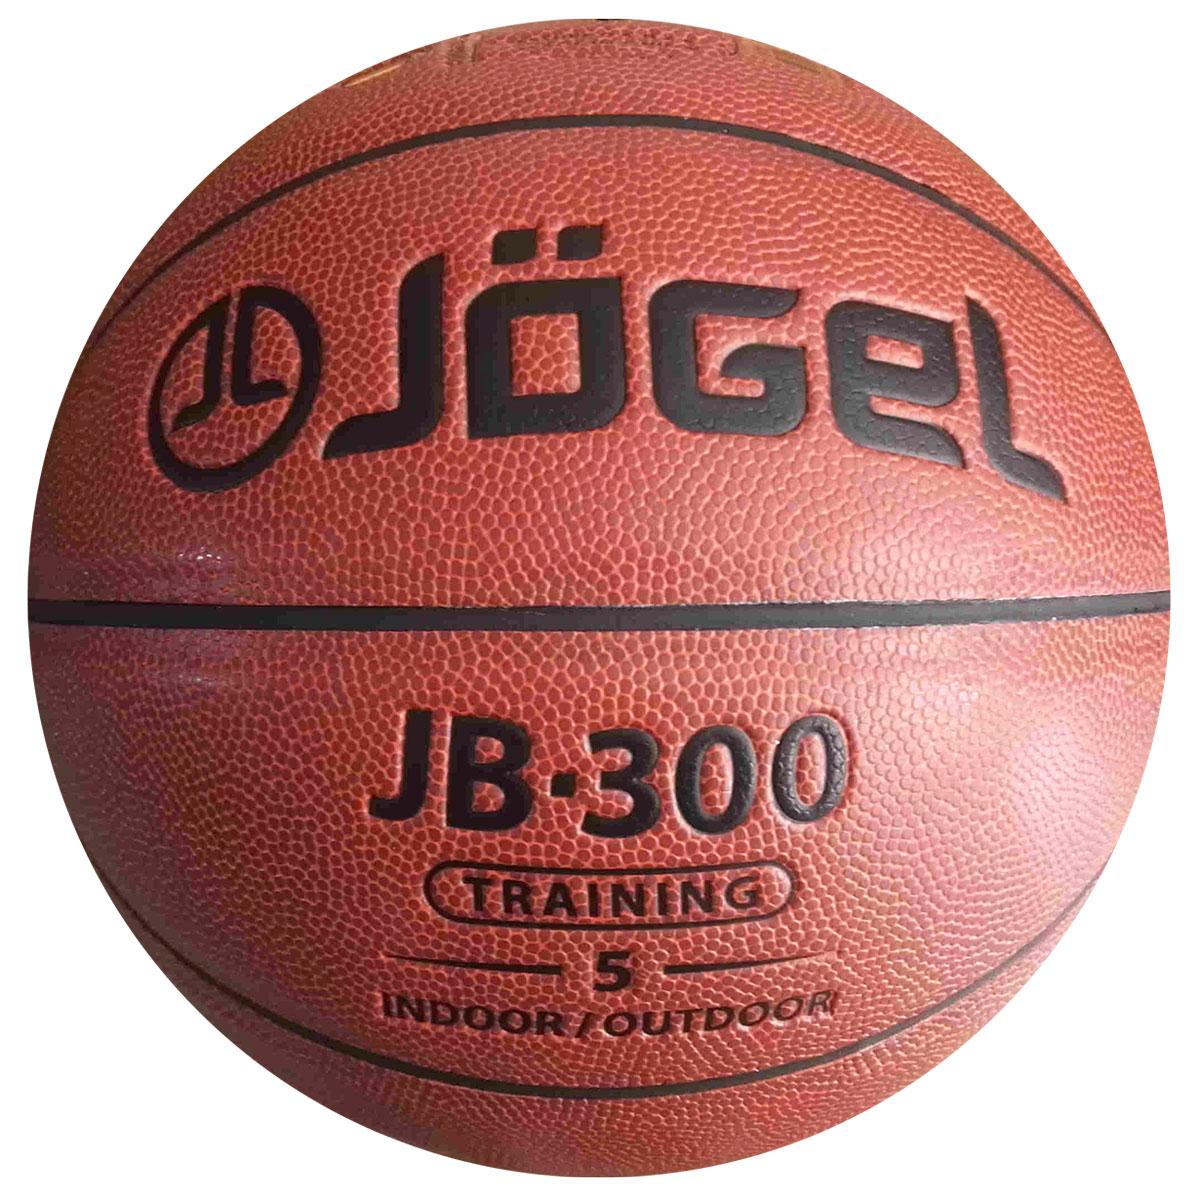 Мяч баскетбольный Jogel, цвет: коричневый. Размер 5. JB-300УТ-00009325Название: Мяч баскетбольный Jgel JB-300 №5 Уровень: Тренировочный мяч Серия: TRAINING Категория: INDOOR/OUTDOOR Описание: Jogel JB-300 №5 это прекрасный баскетбольный мяч из серии TRAINING. Доступная цена и специальный материал, позволяющий играть данным мячом практически на любой поверхности, выгодно отличают его от аналогичных мячей других марок. Поверхность мяча выполнена из композитного материала, благодаря чему данным мячом можно играть практически на любой поверхности, как на улице, так и в зале. Благодаря технологии DeepChannel (глубокие каналы), используемой при производстве мячей Jogel, достигается лучший контроля мяча во время броска и дриблинга. Размер №5 предназначается для тренировок детей до 12 лет. Данный мяч рекомендован для любительской игры, тренировок и соревнований любительских команд и команд среднего уровня. Данный мяч прекрасно подходит для поставок на гос. тендеры, образовательные учреждения и спортивные секции. Официальный размер и вес FIBA. Рекомендованные...